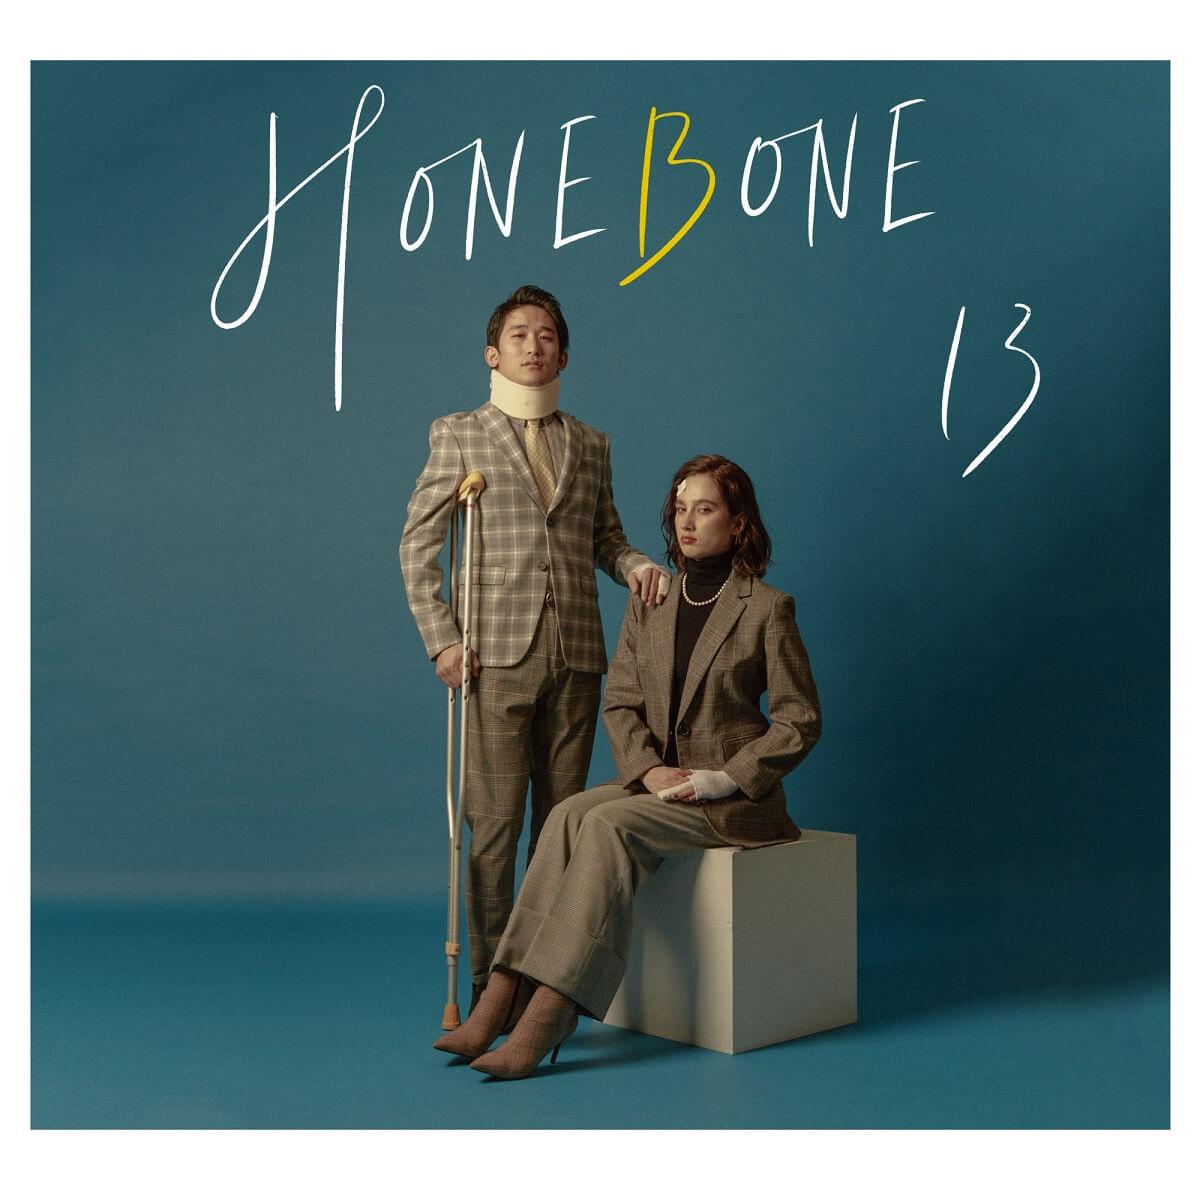 HONEBONE、アルバム『13』から新MV『やっちゃった』が公開